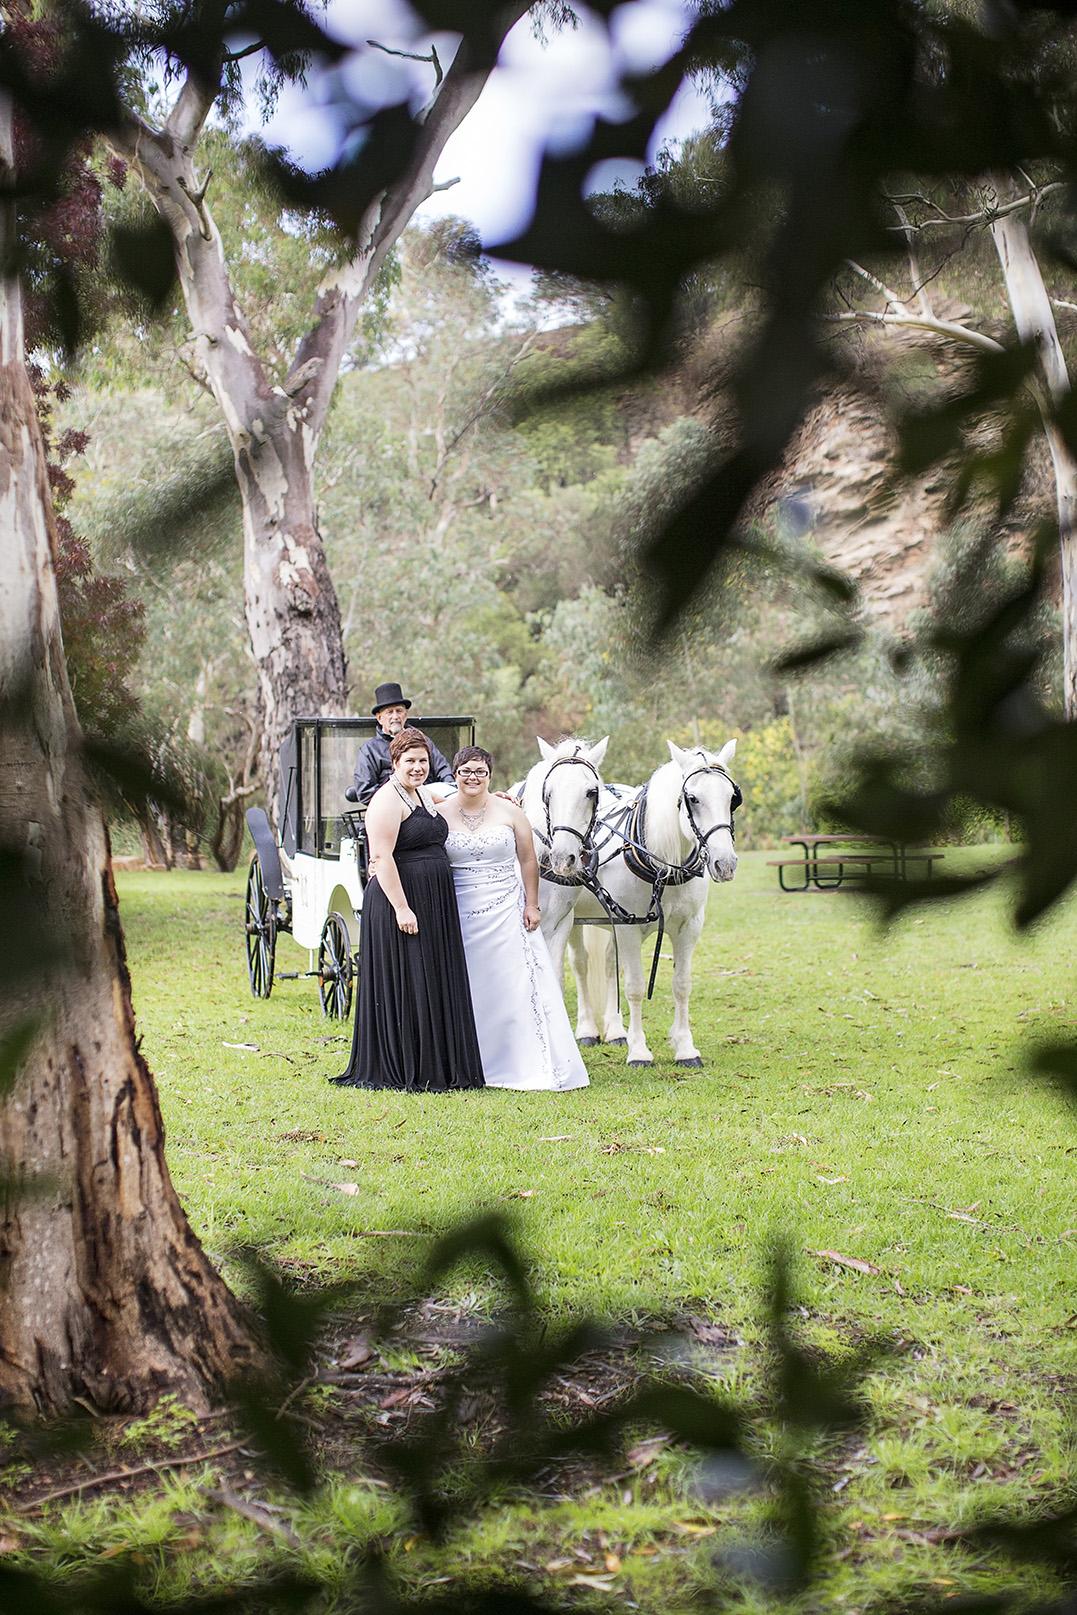 Clarendon Same Sex Wedding Photos 07 Horse & Carriage.jpg